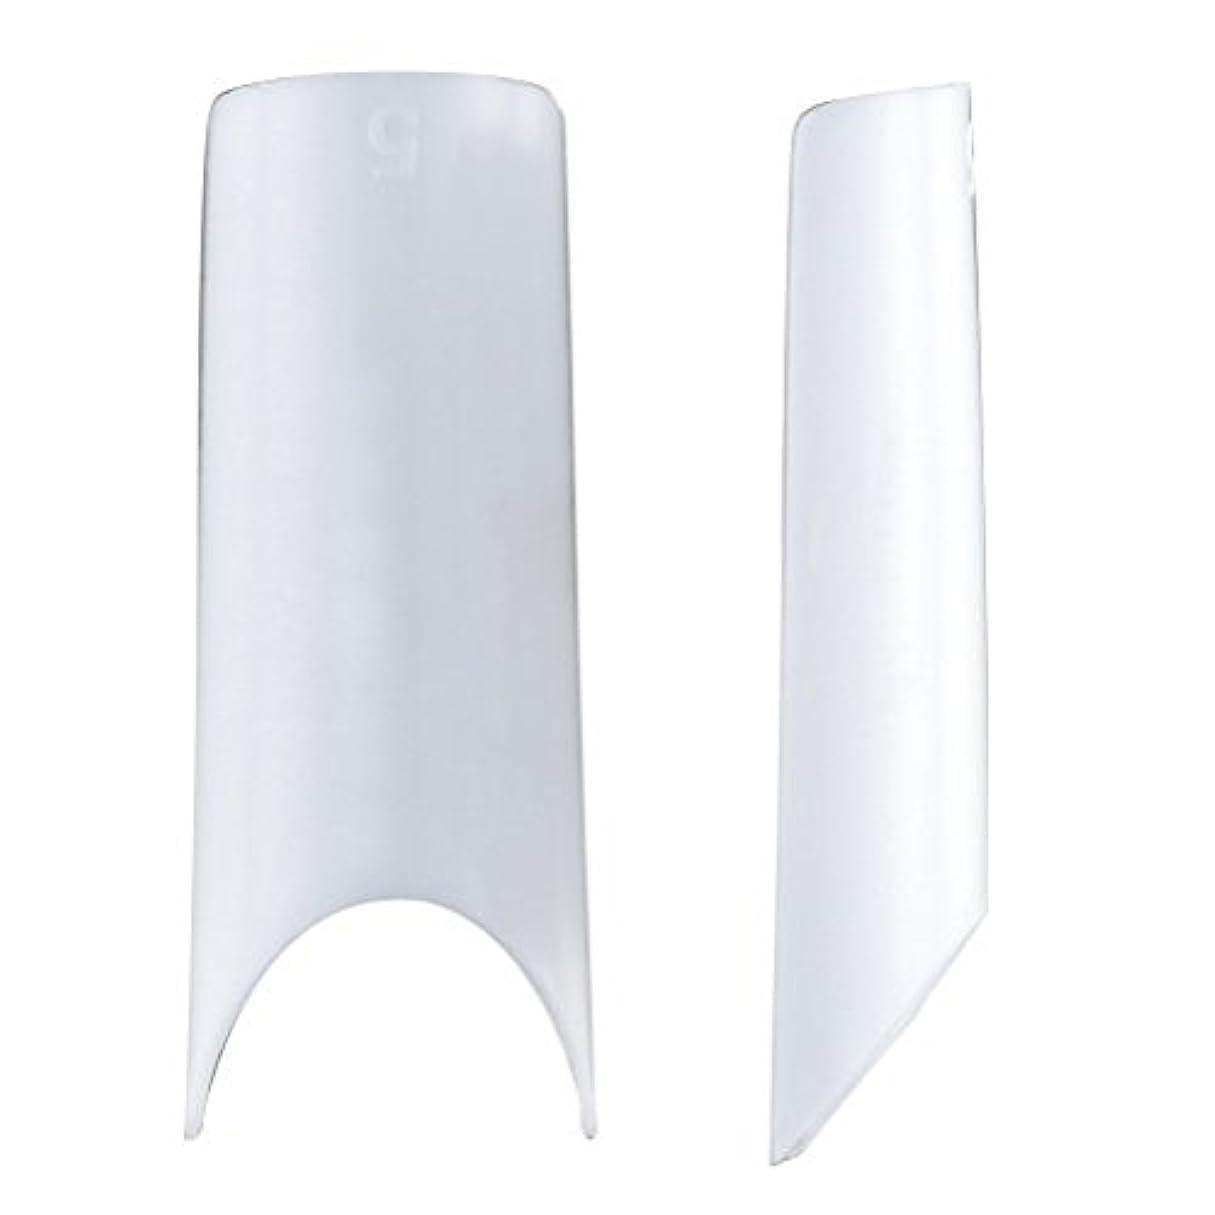 湿度スチュワードあいまいホワイトチップVer.4 # 0